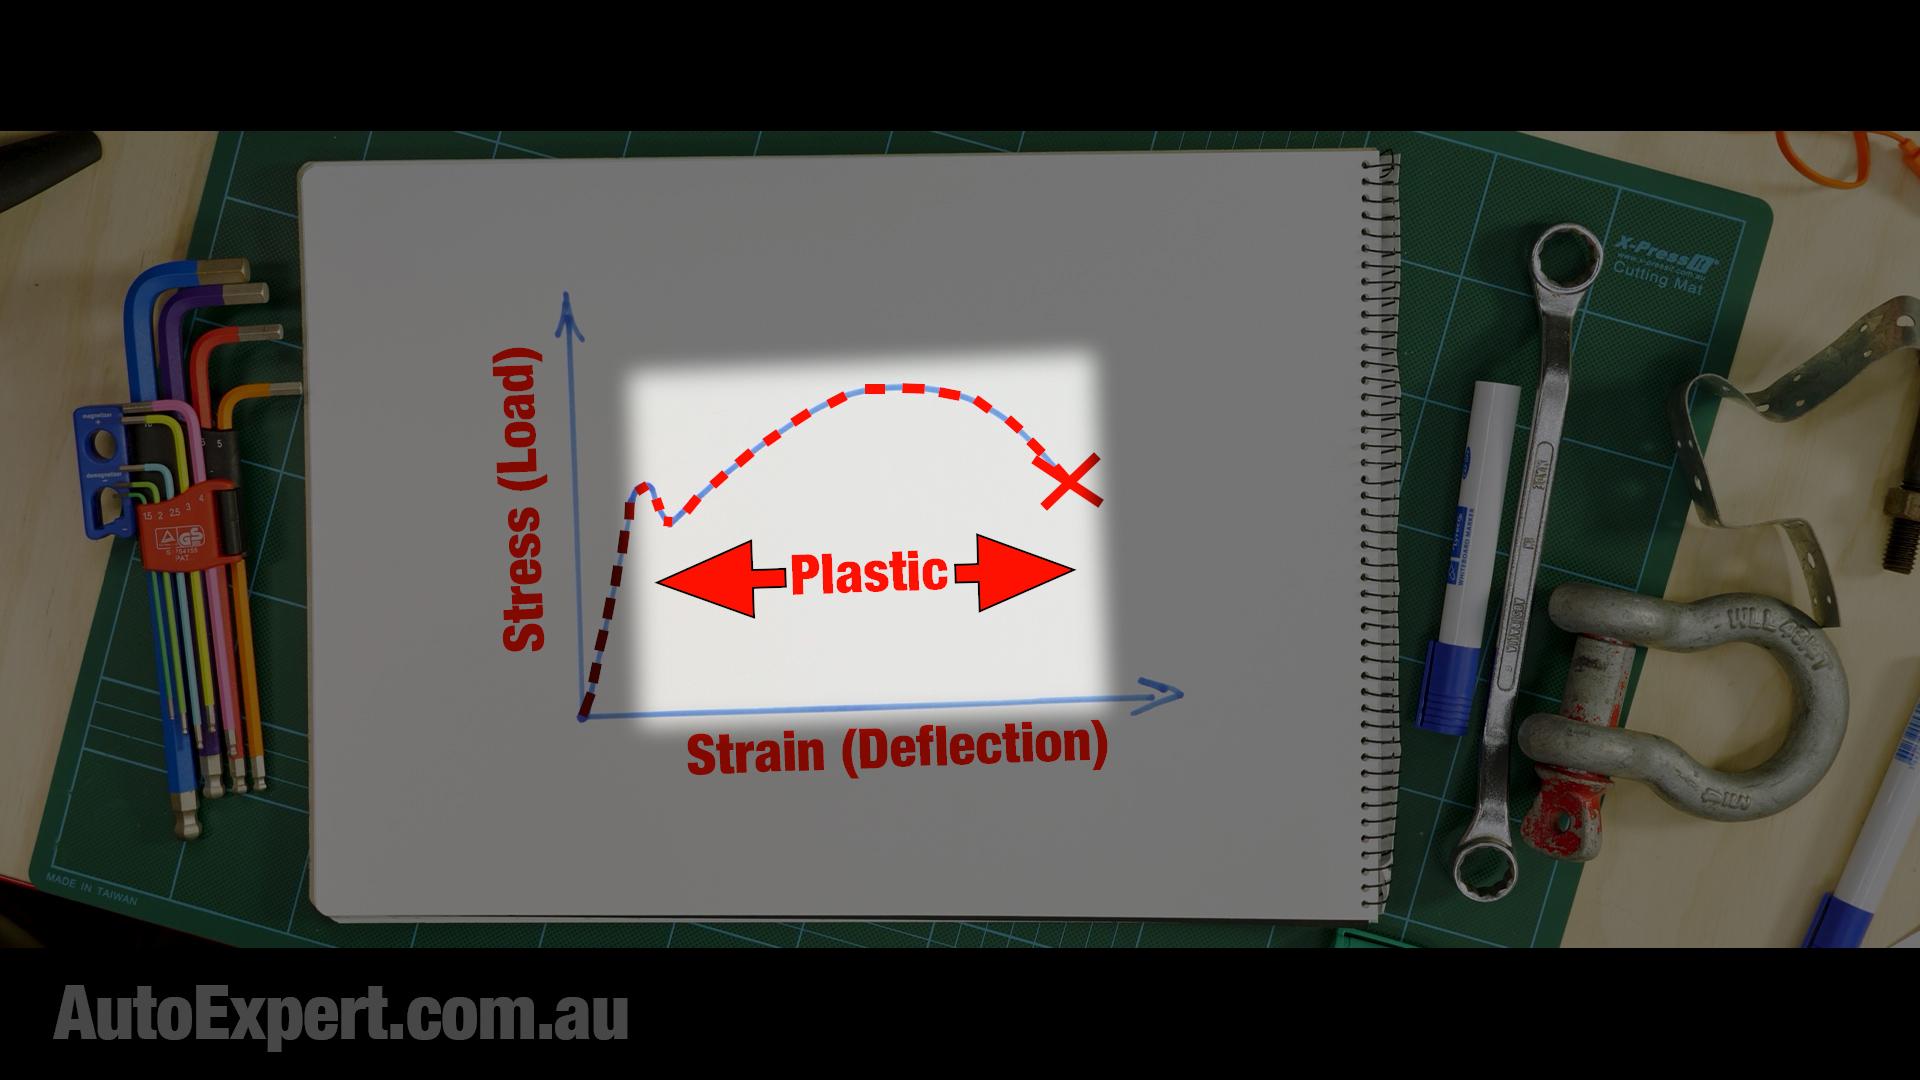 Plastic region